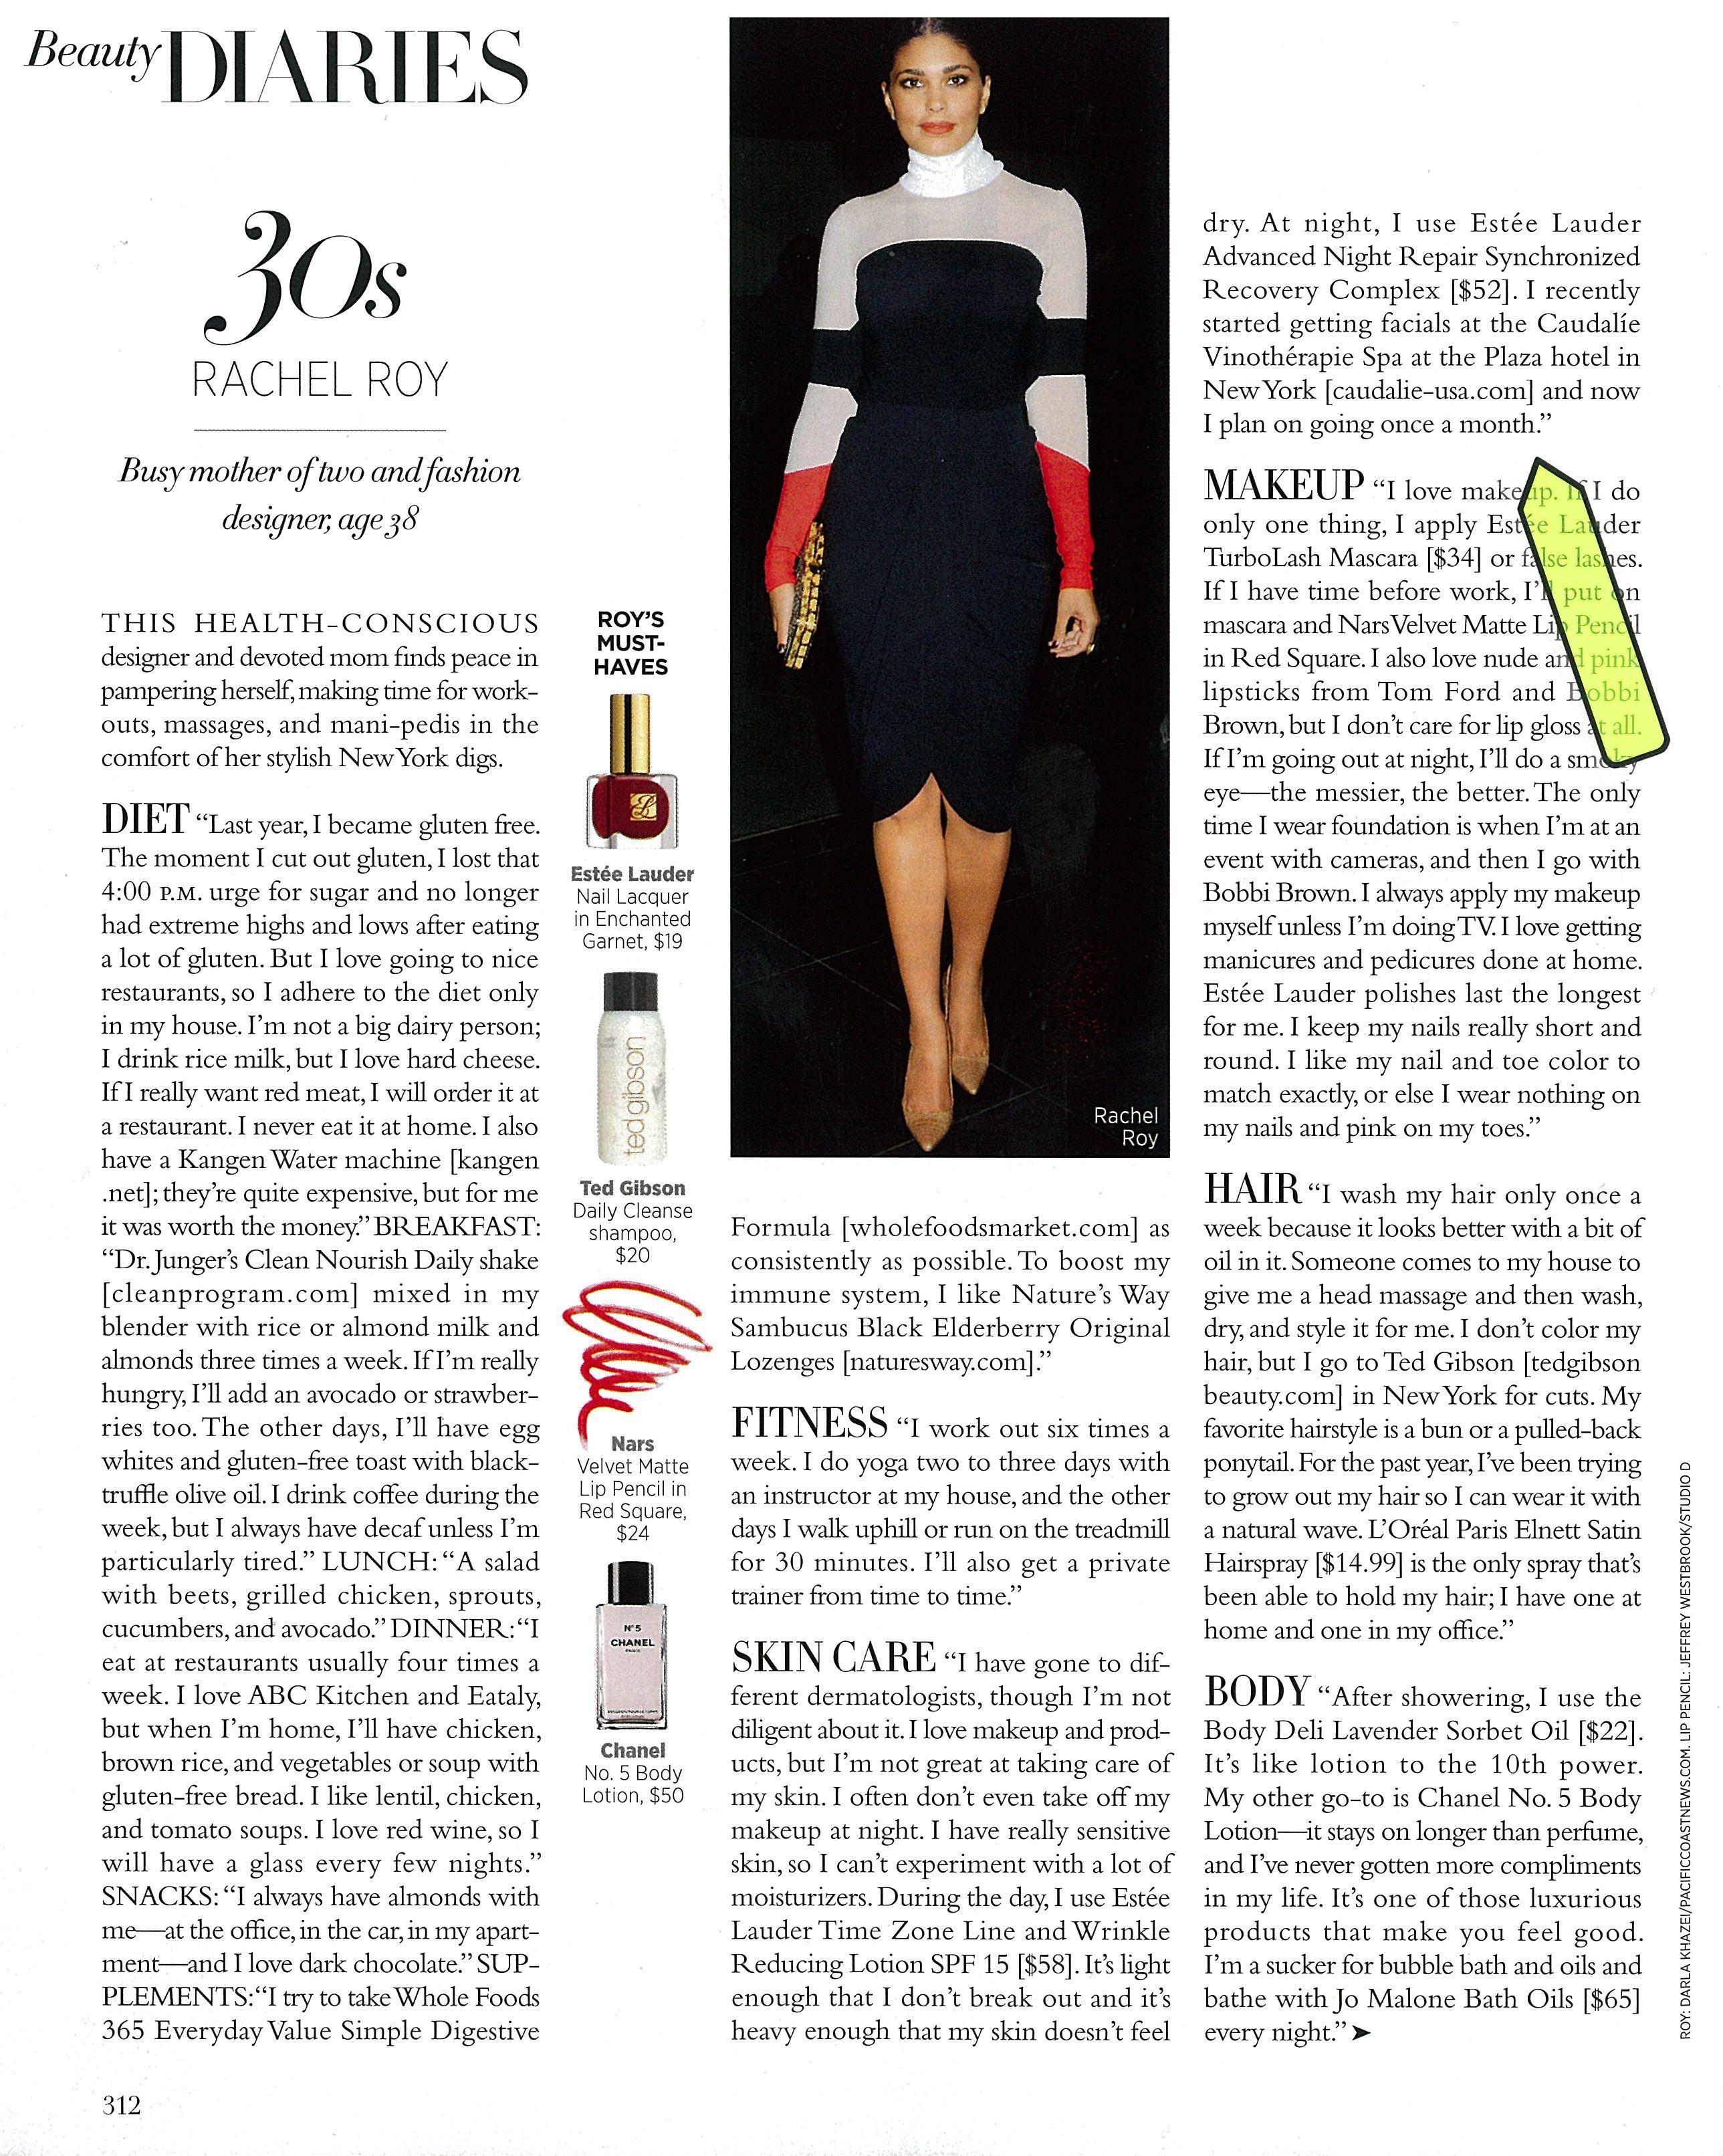 Harper's Bazaar Beauty Diaries